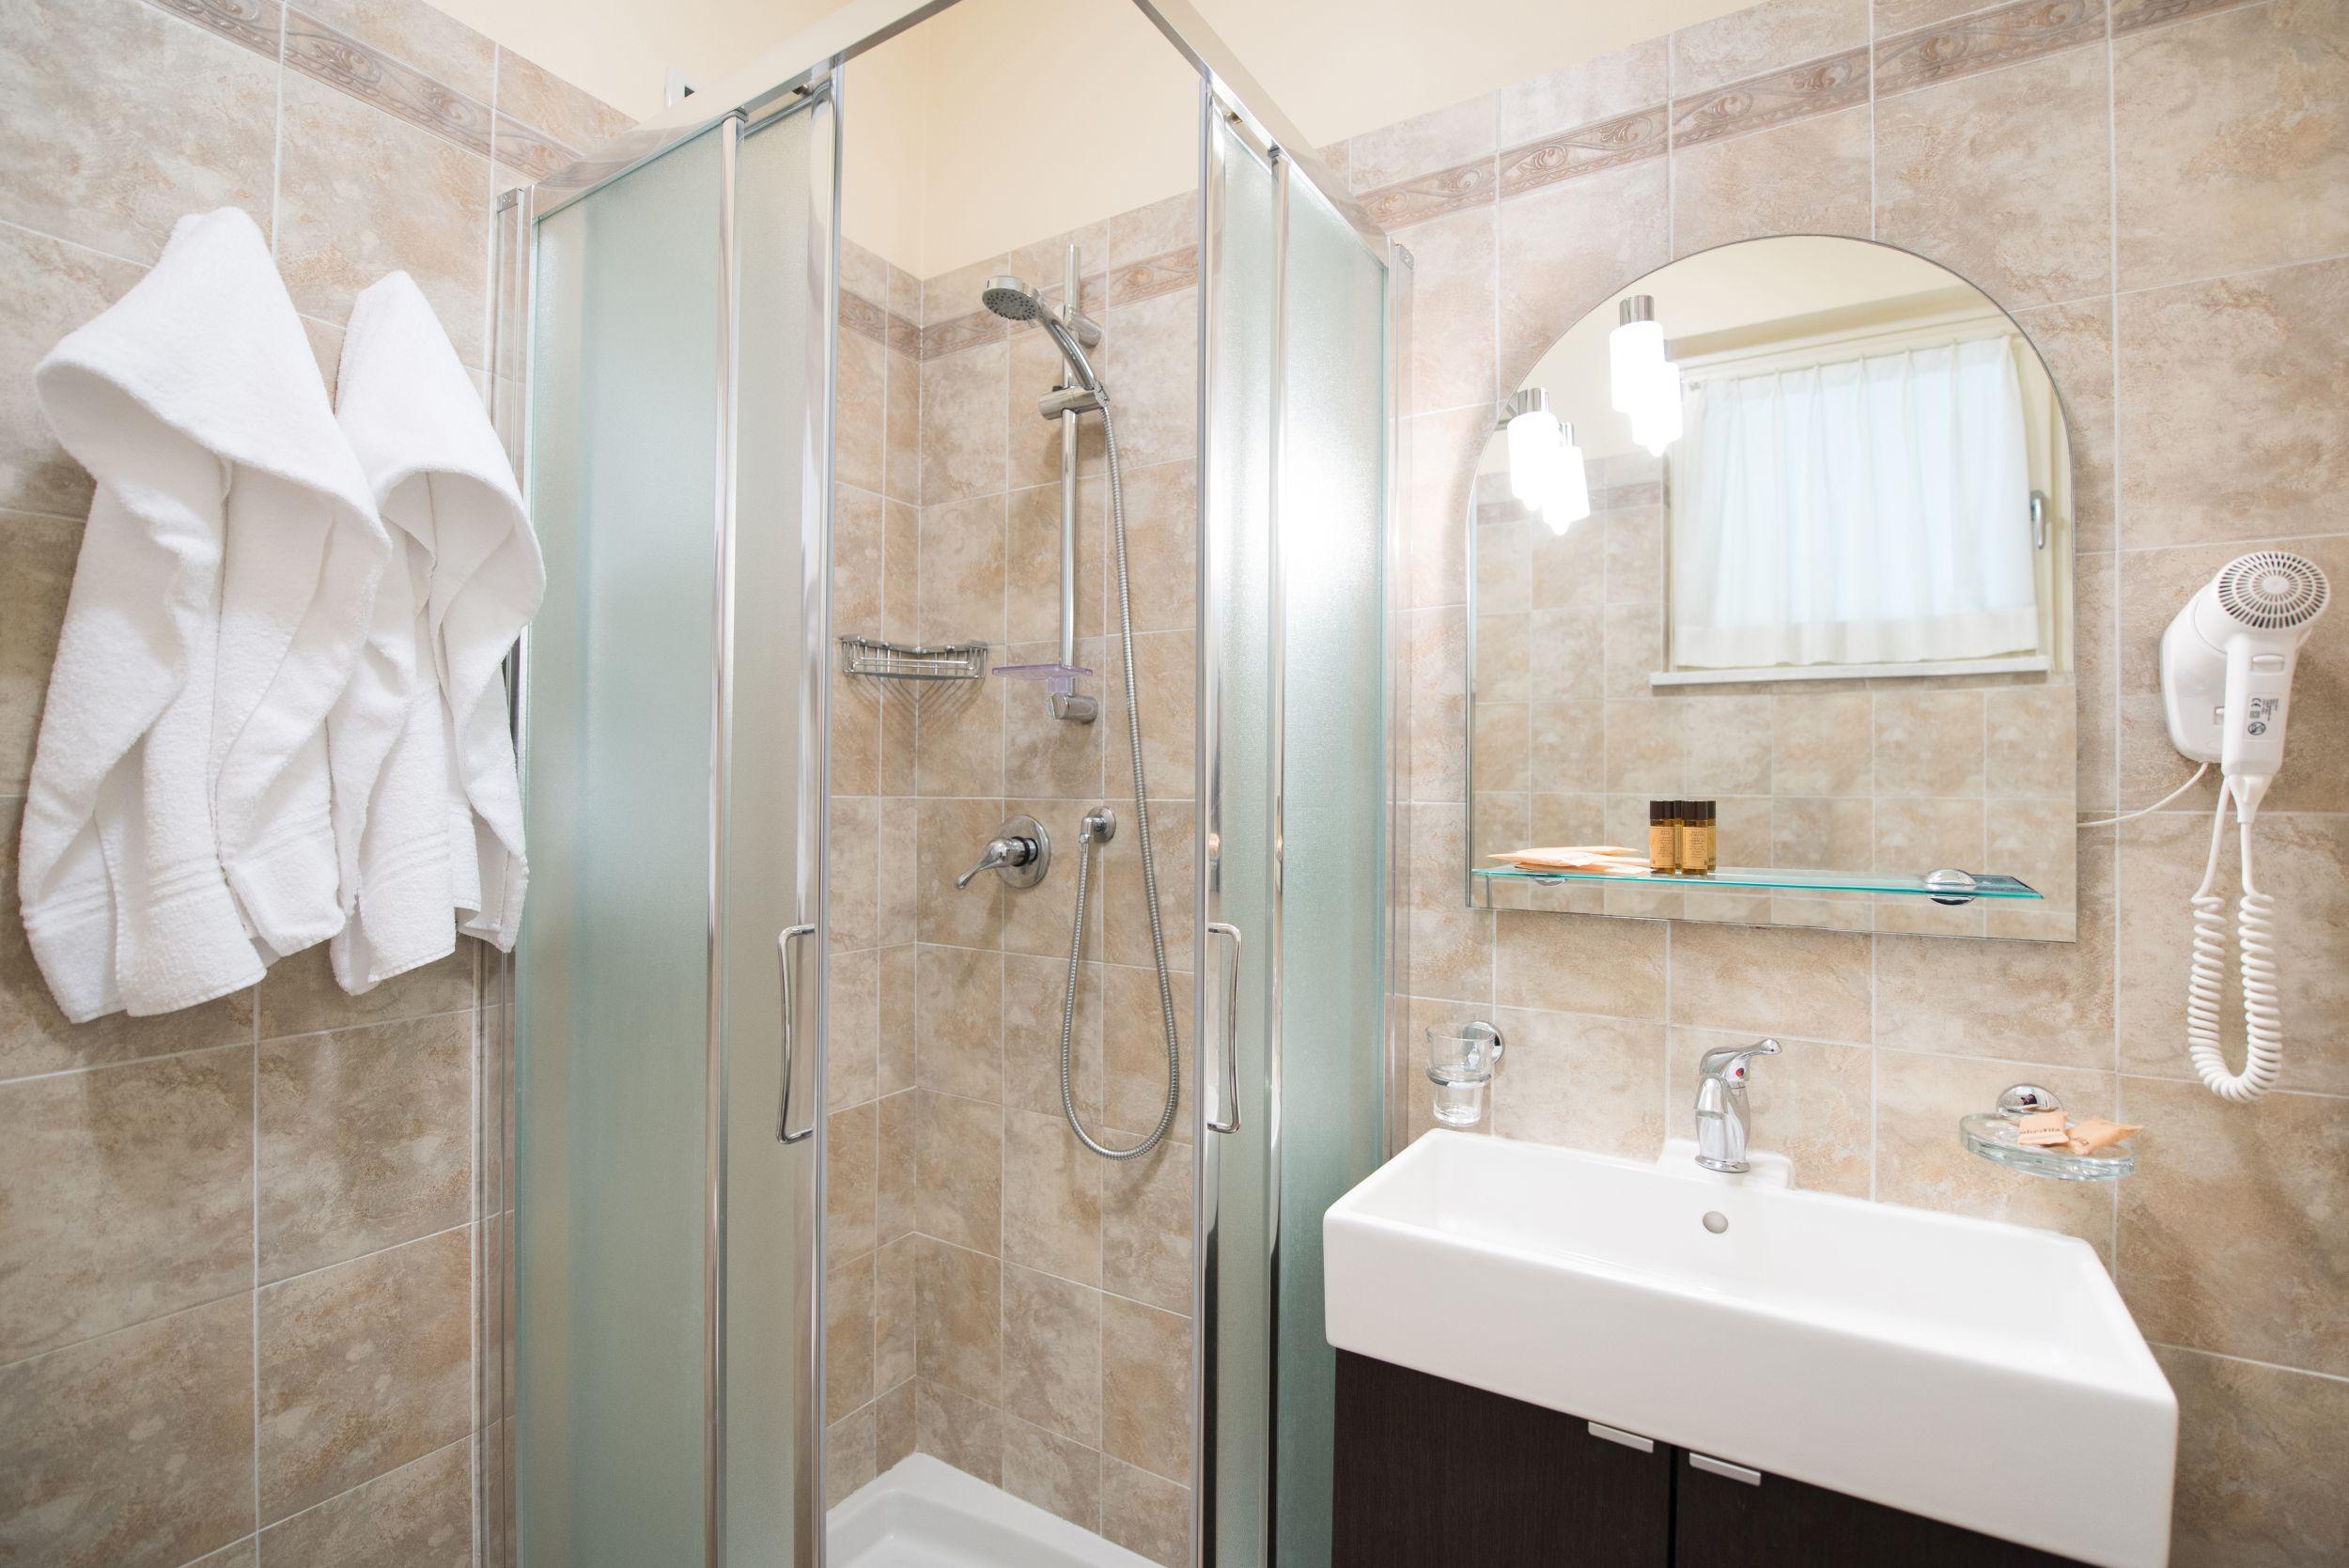 Appartamenti affitto viareggio residence colombo viareggio - Bagno viareggio tariffe ...